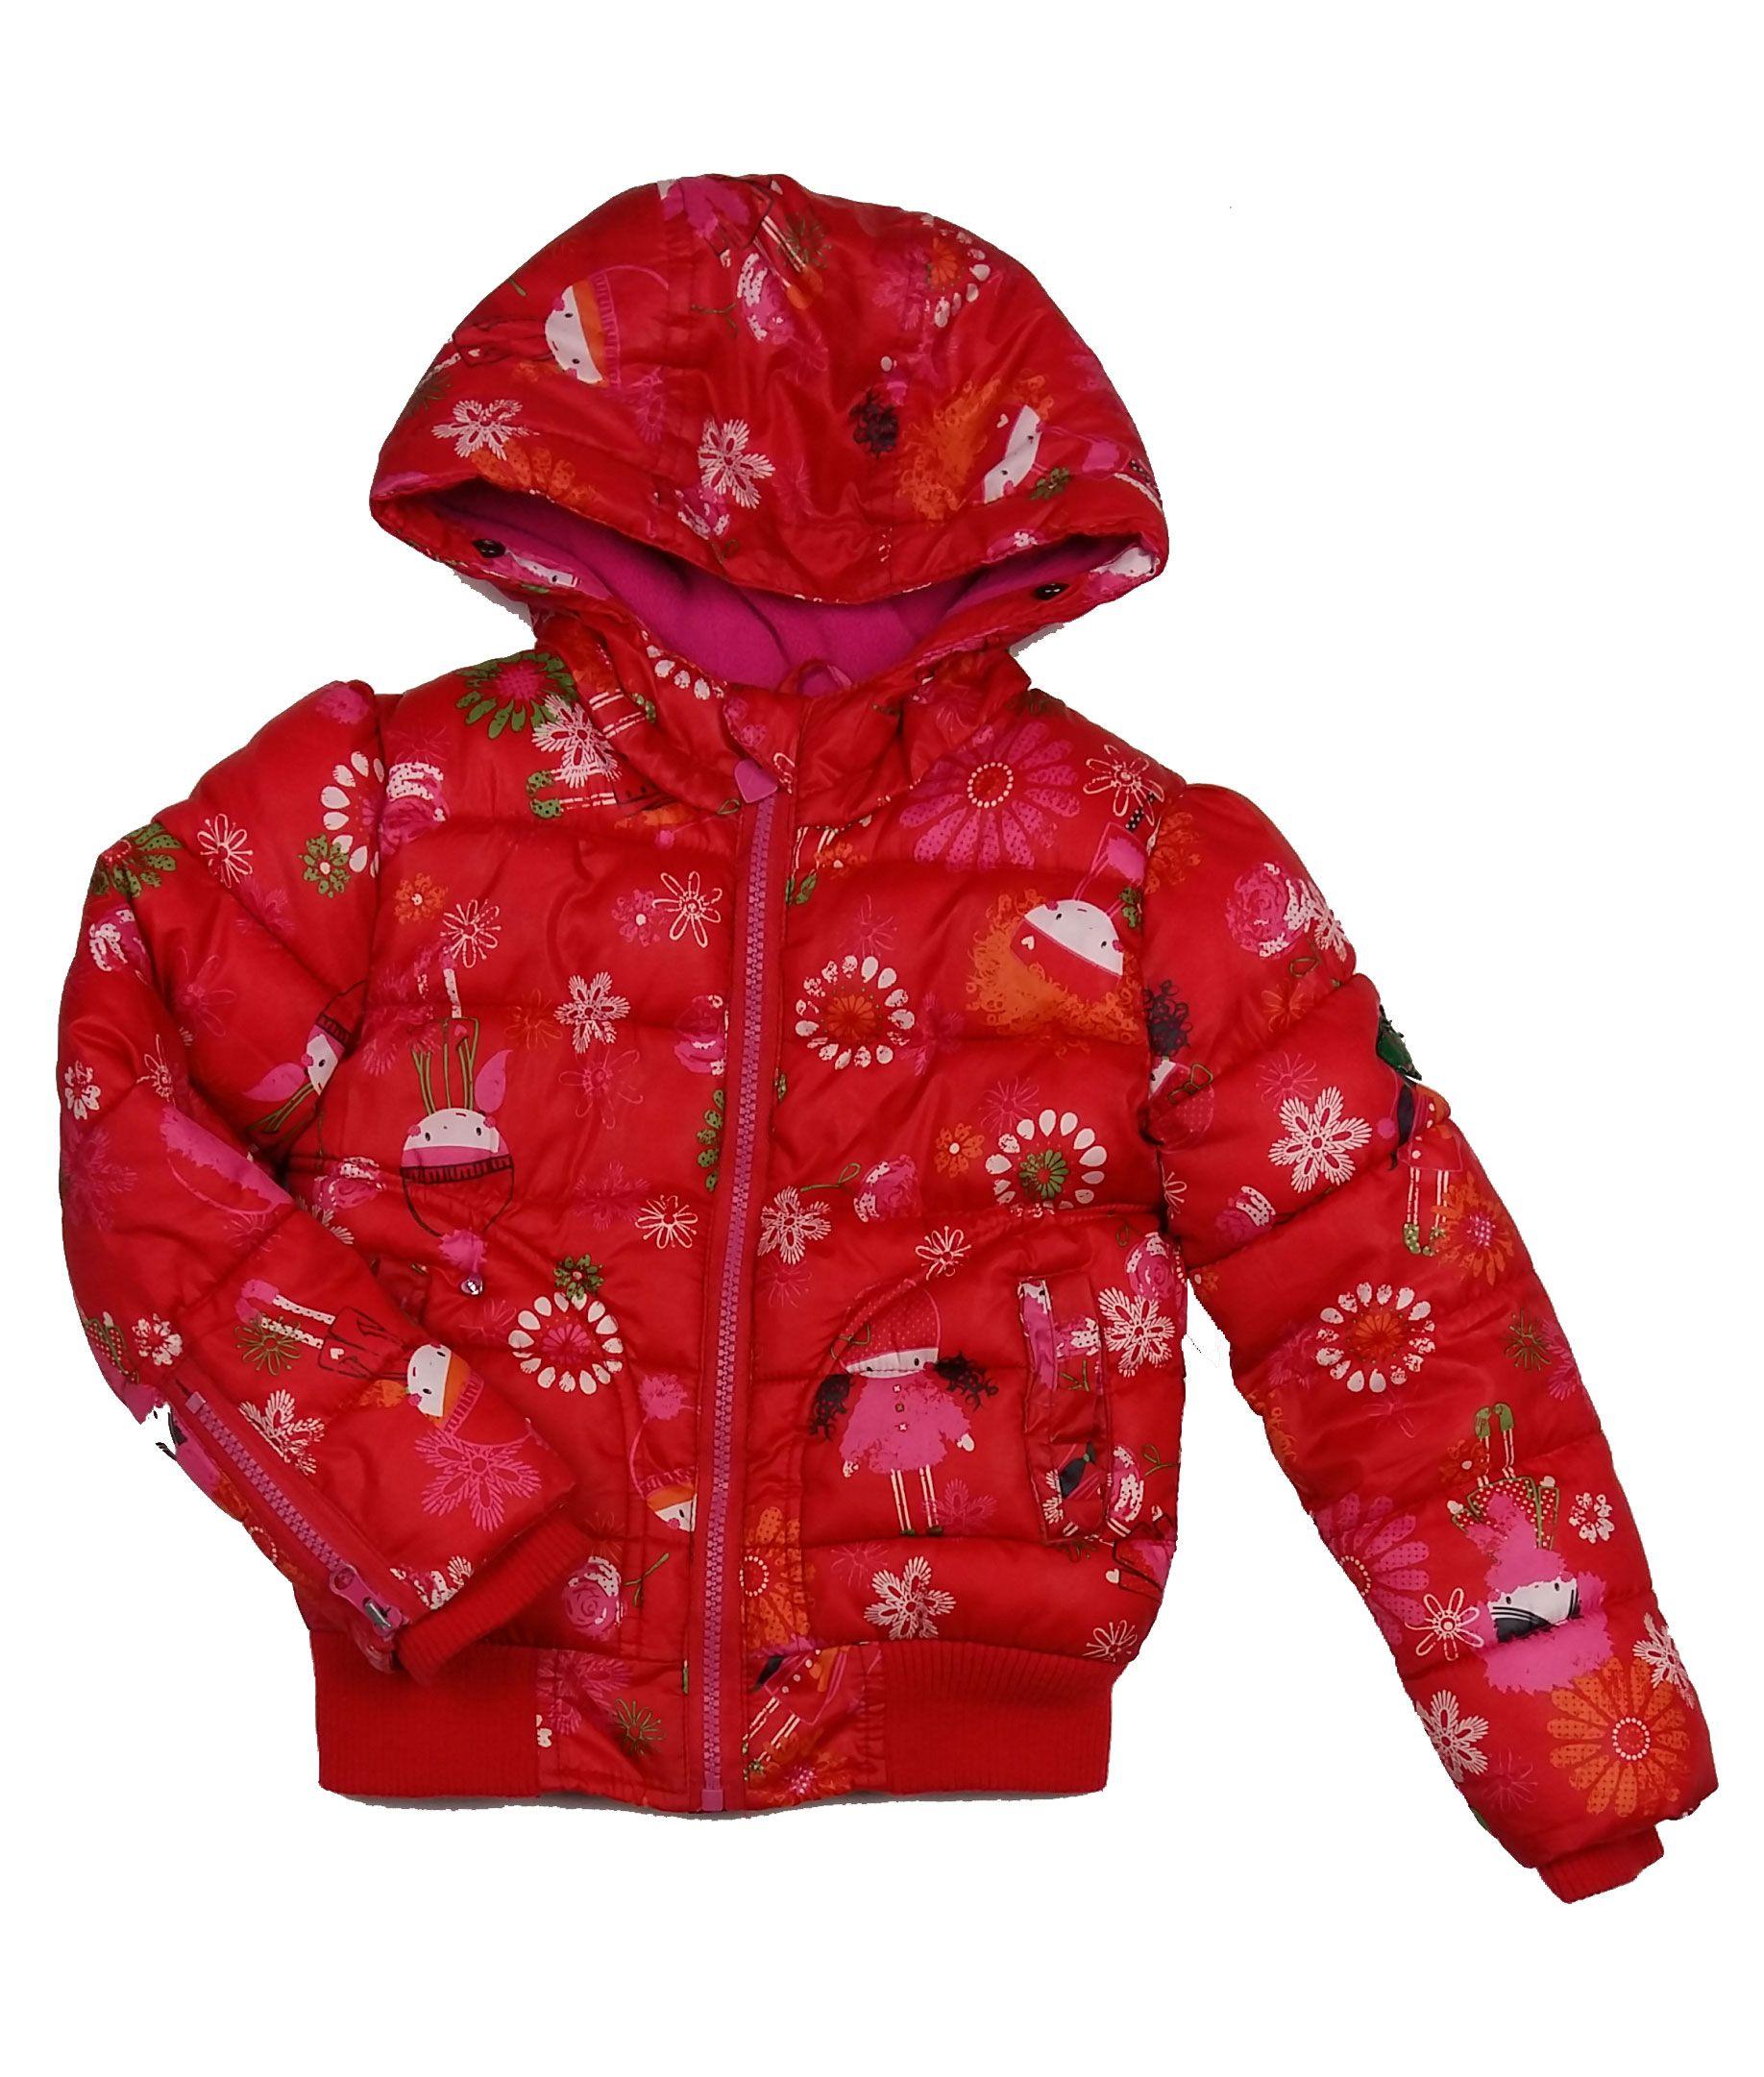 6b99bb5f37 Piros kislányos dzseki (110) - 104-110 (3-5 év) - Minőségi angol használt  és új gyerekruhák